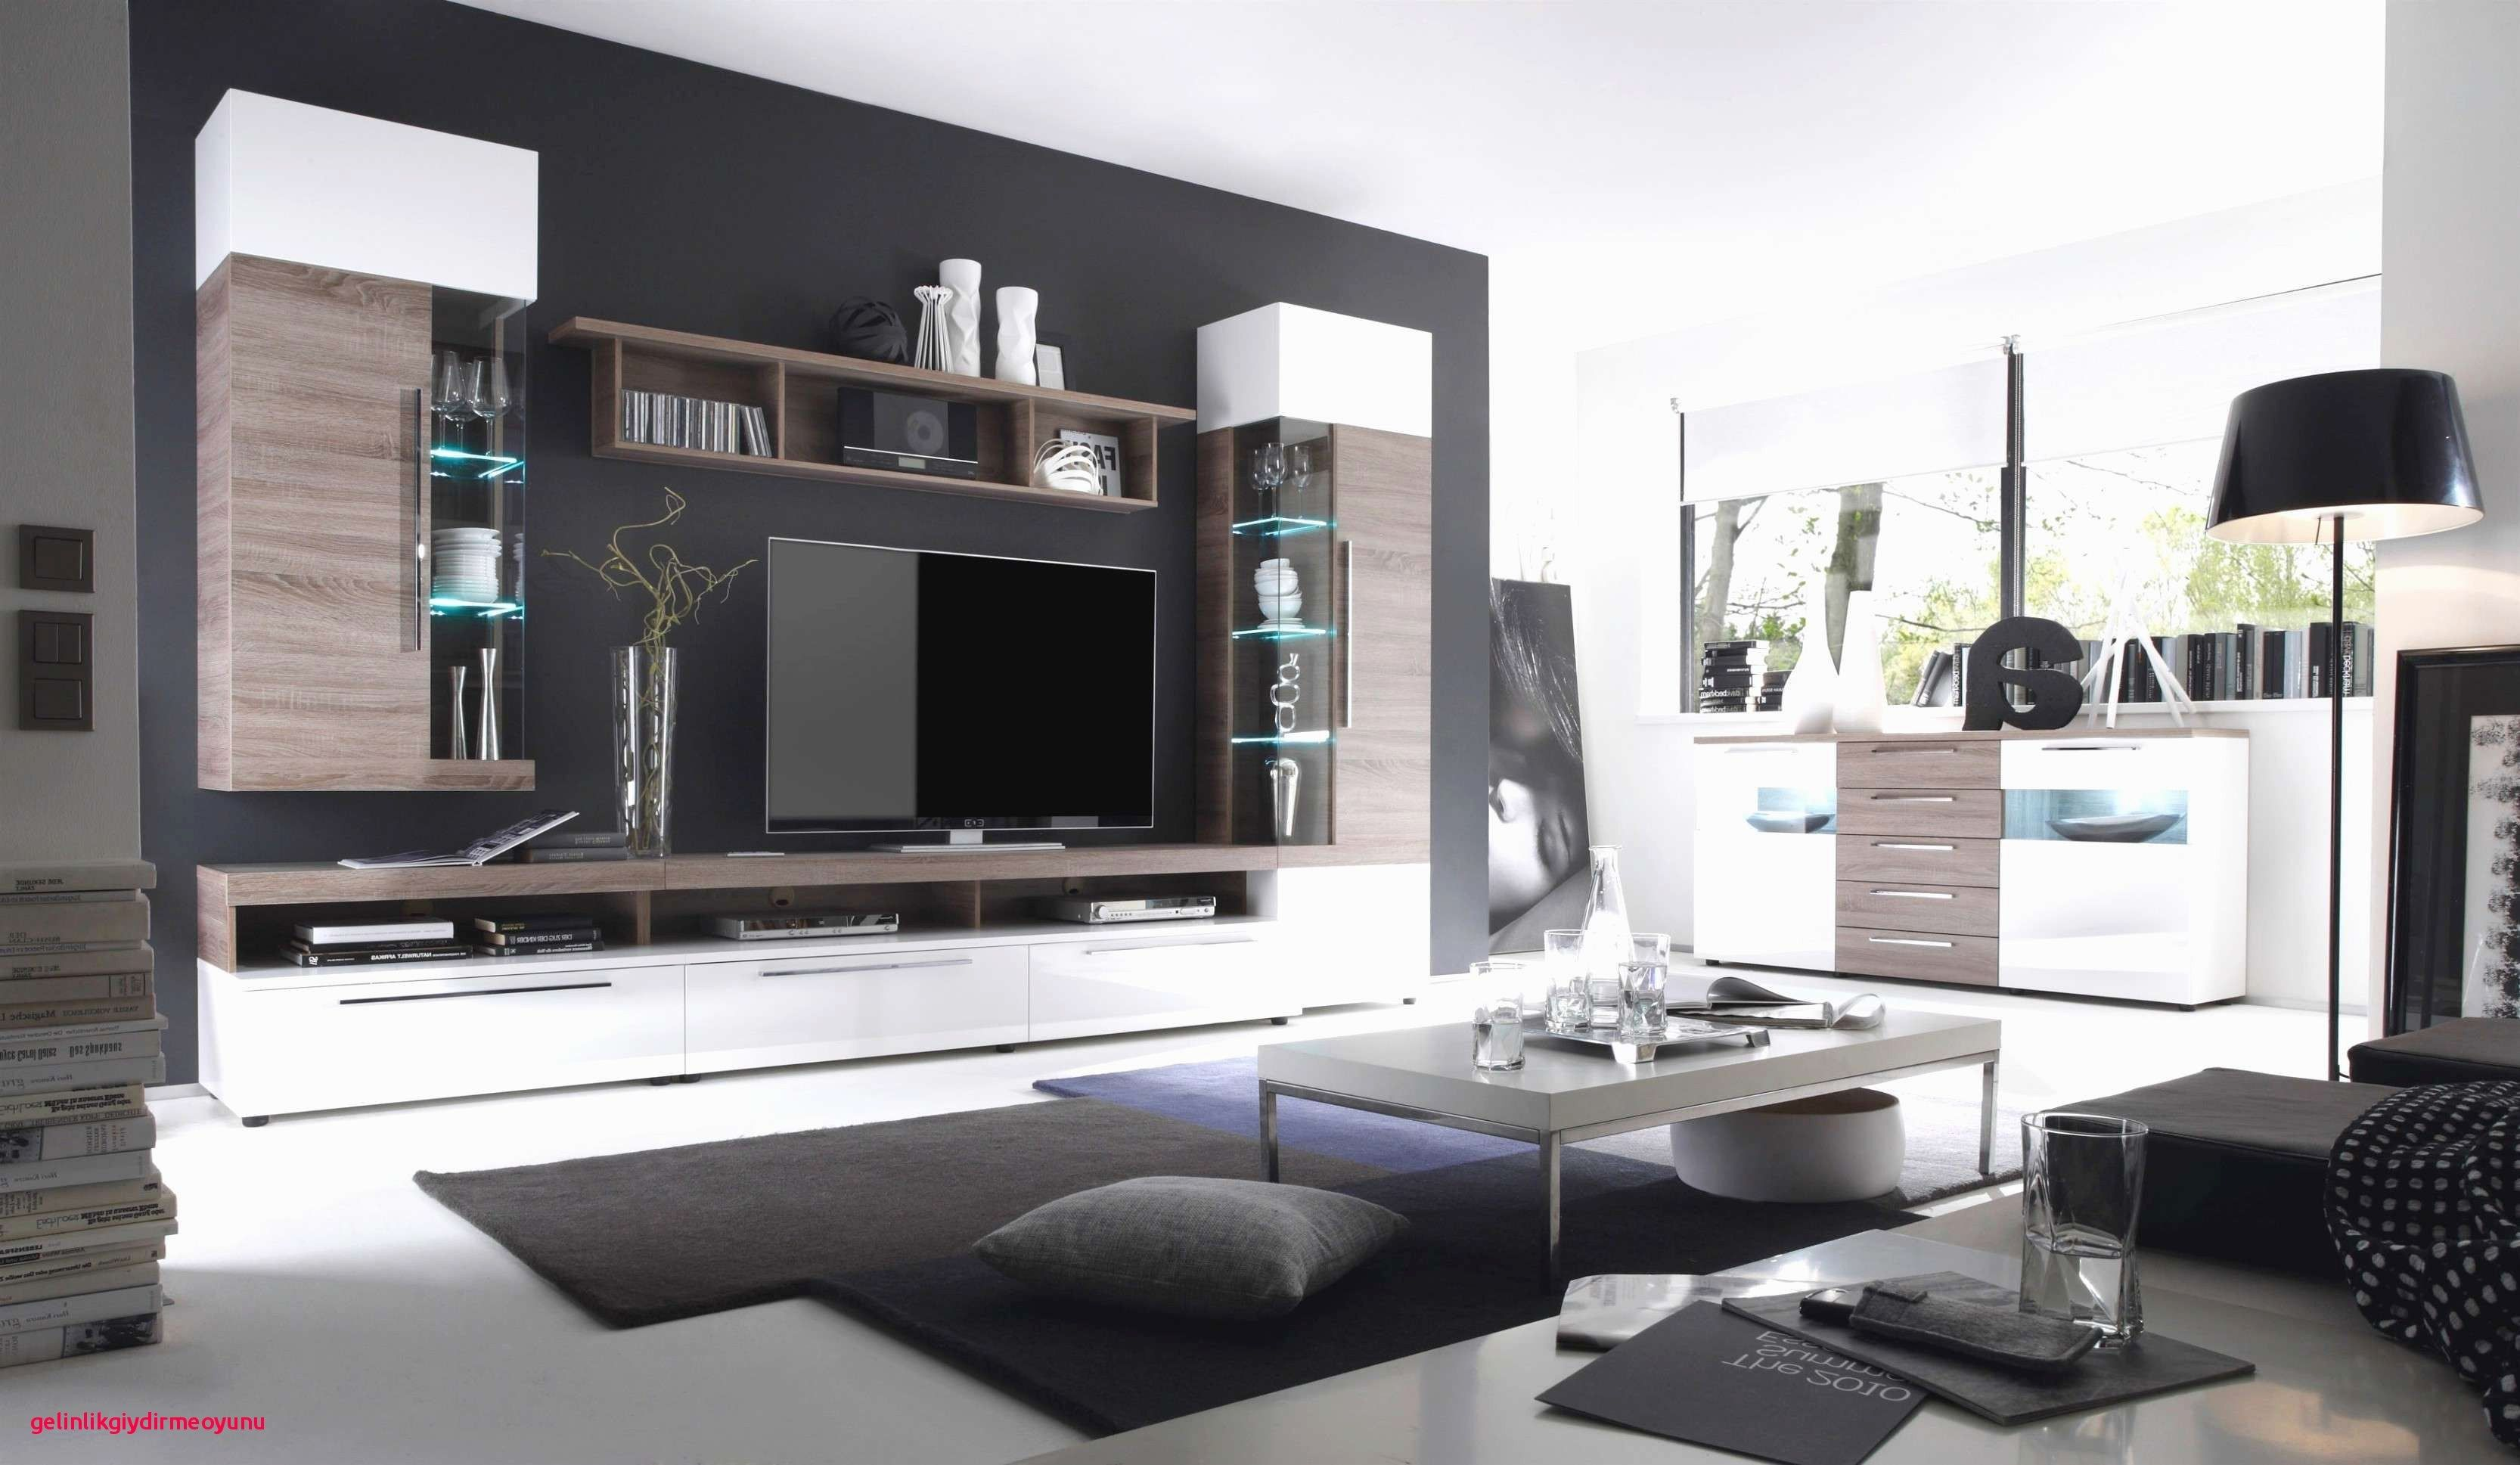 Säule Im Wohnzimmer Gestalten | Wohnzimmer Gestalten Farbe ...